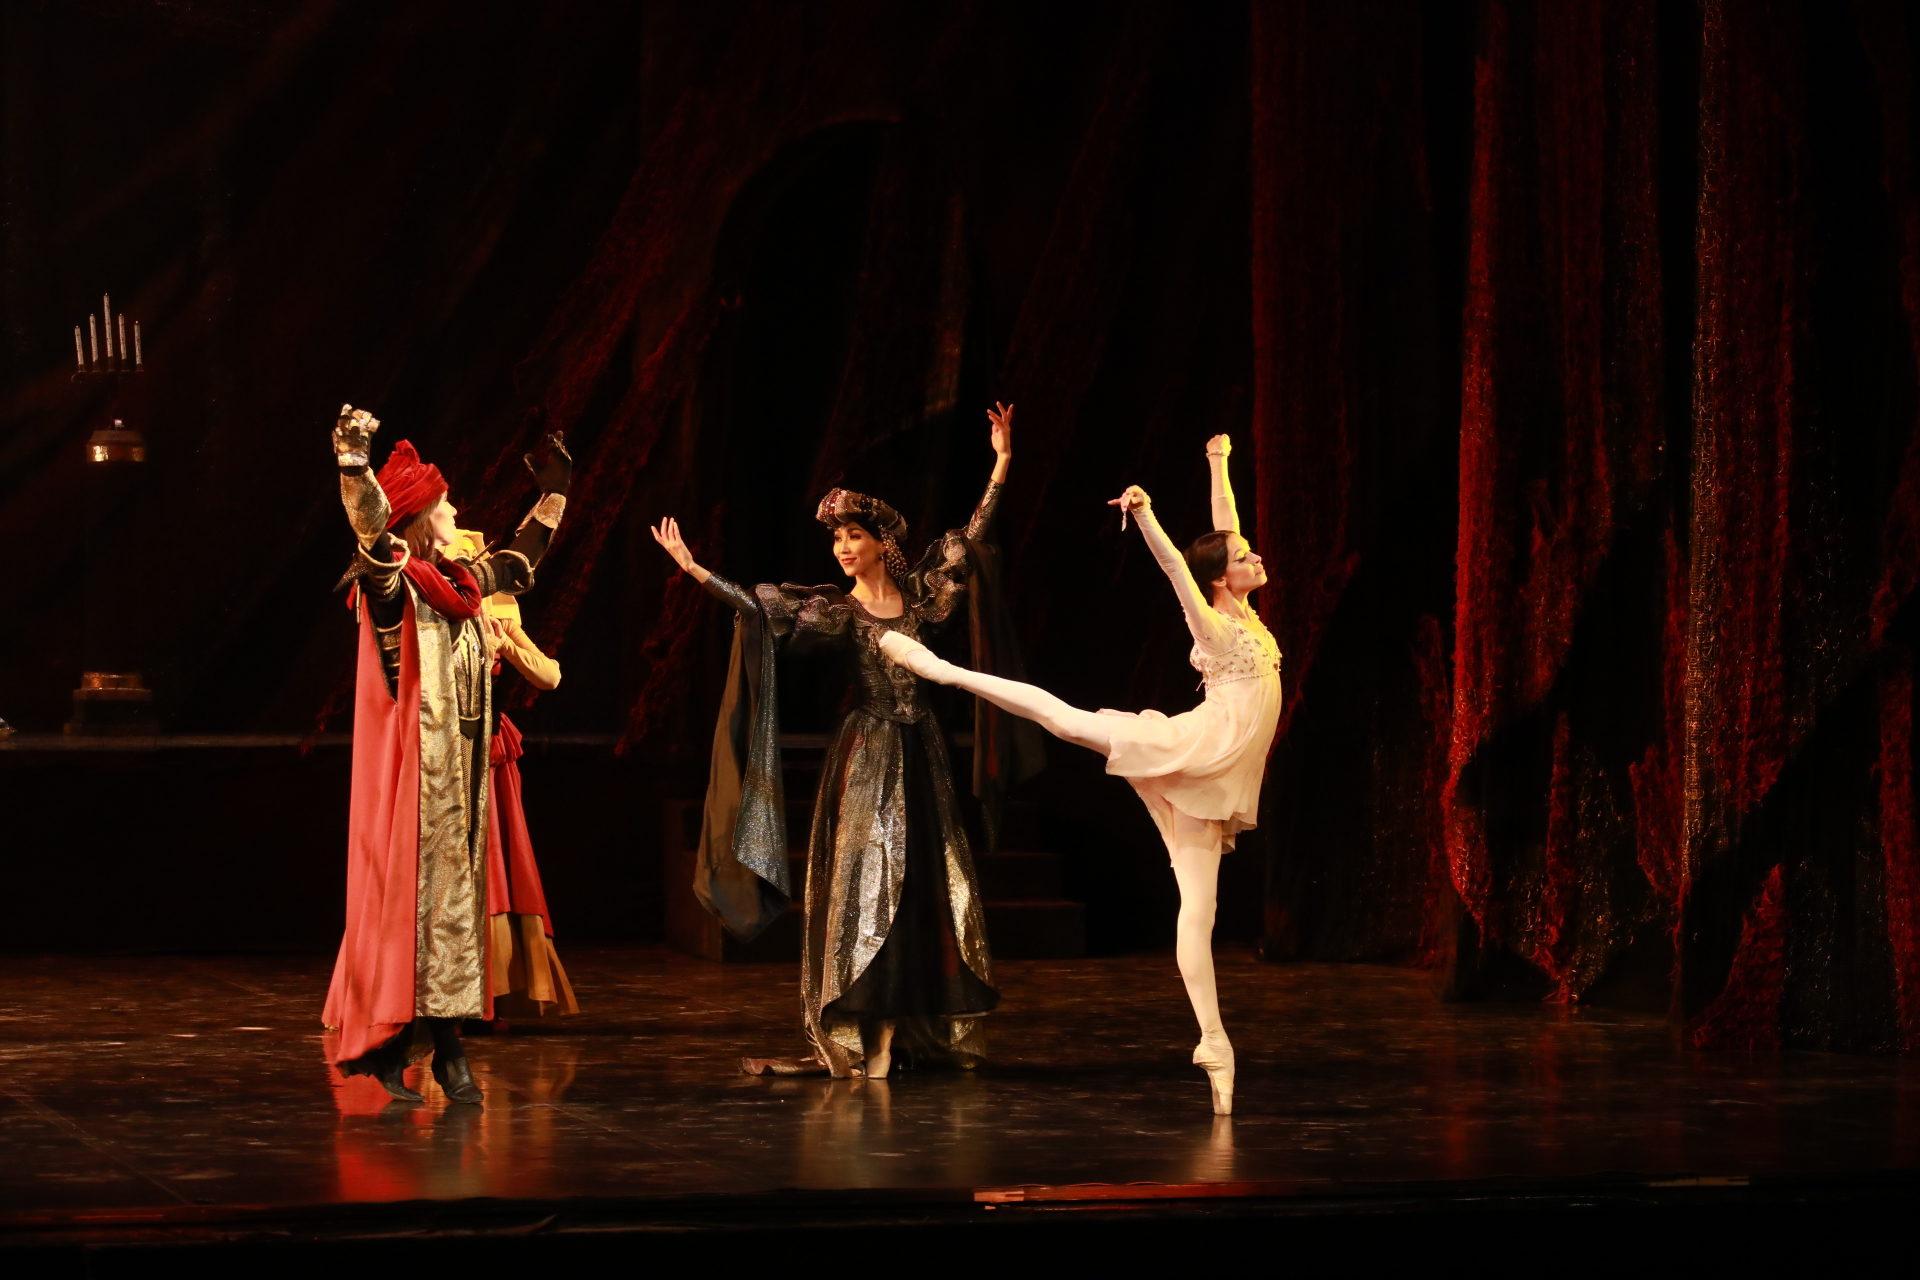 «Ромео и Джульетта» продолжили международный балетный марафон на сцене главного театра Якутии.